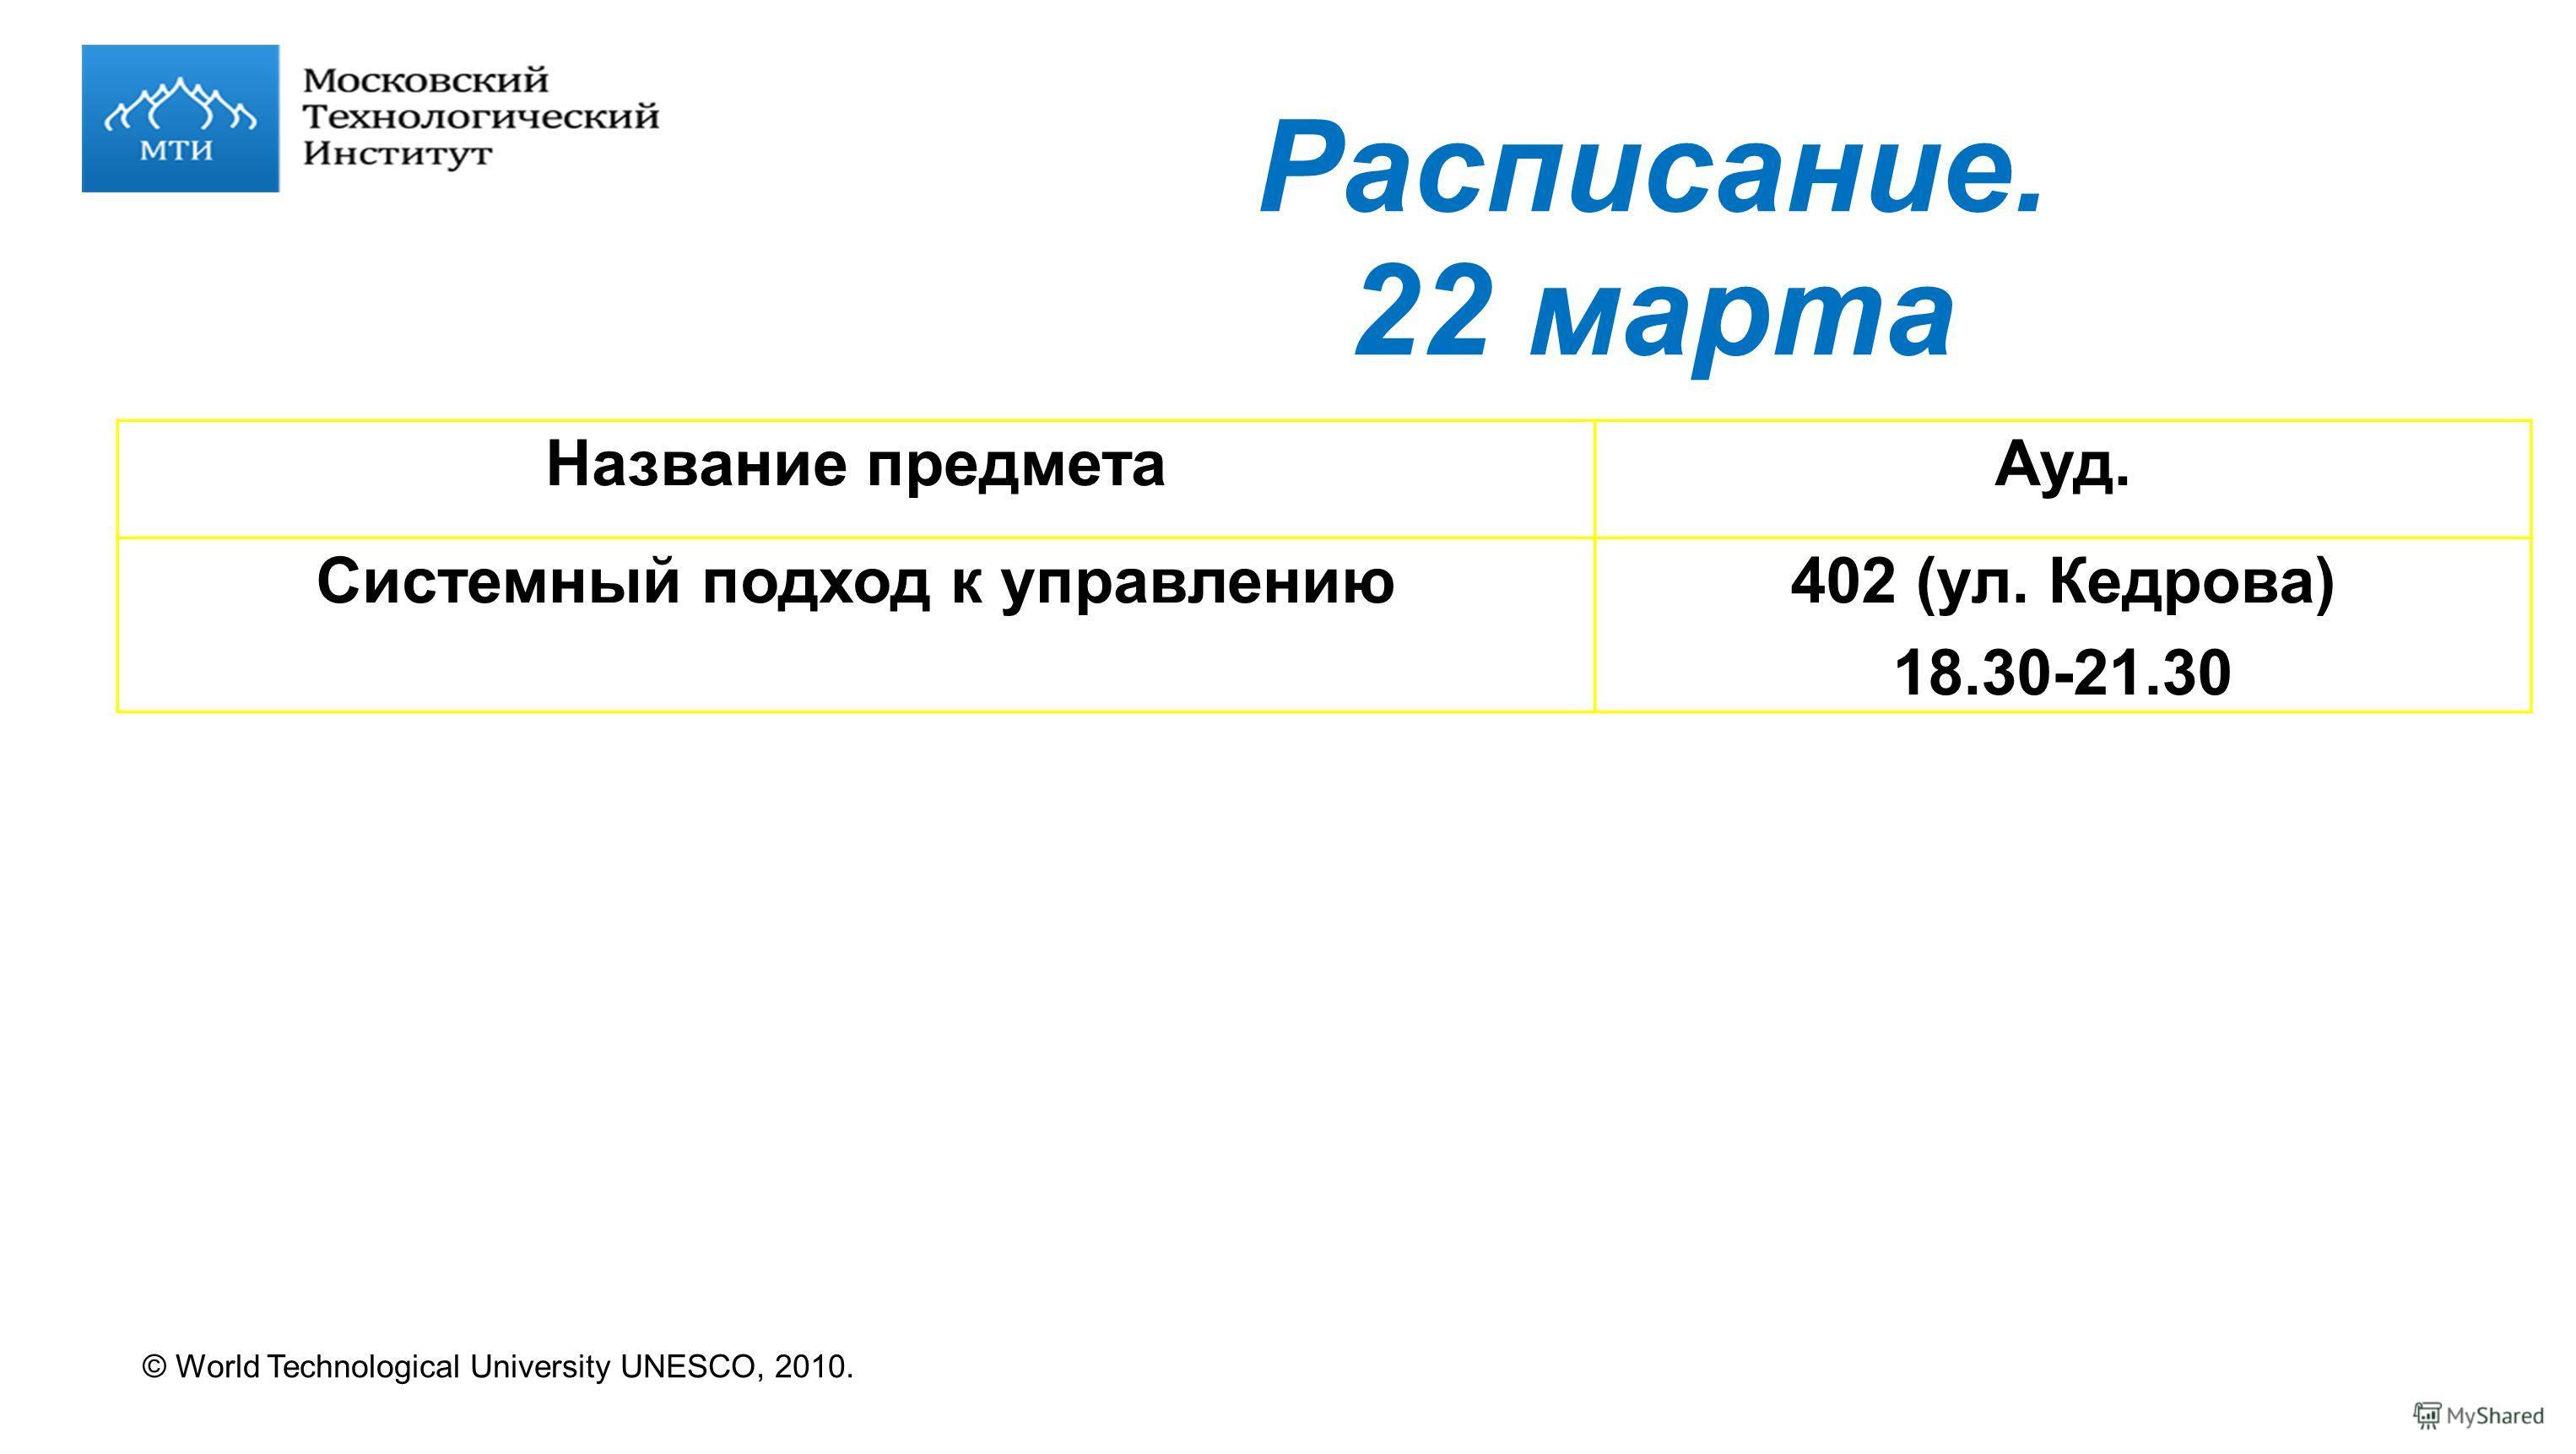 © World Technological University UNESCO, 2010. Расписание. 22 марта Название предметаАуд. Системный подход к управлению402 (ул. Кедрова) 18.30-21.30